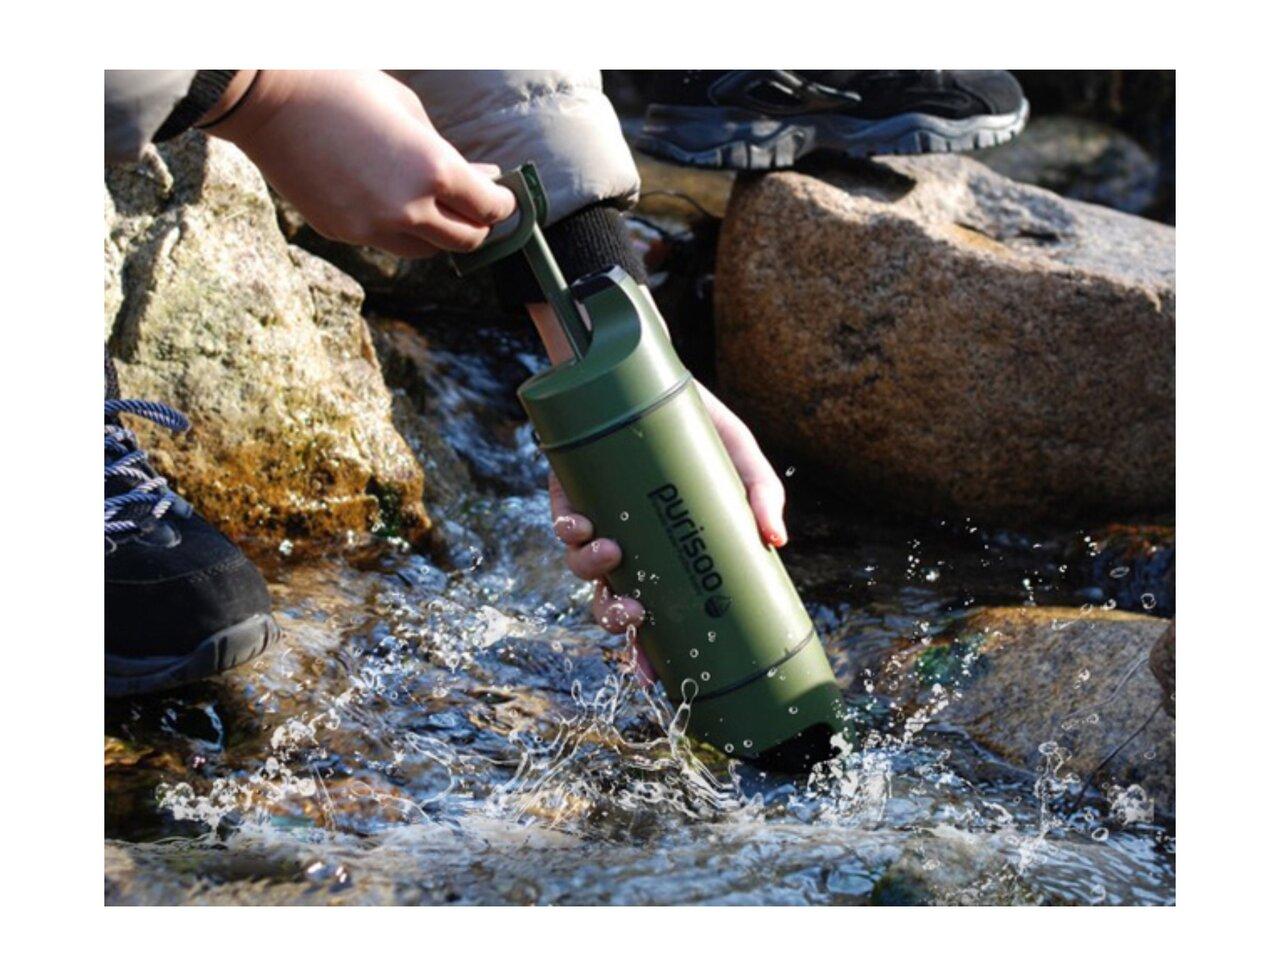 災害時に、山登りに、旅行に!雨や川の水が一瞬で飲み水に変わるポータブル浄水ボトル